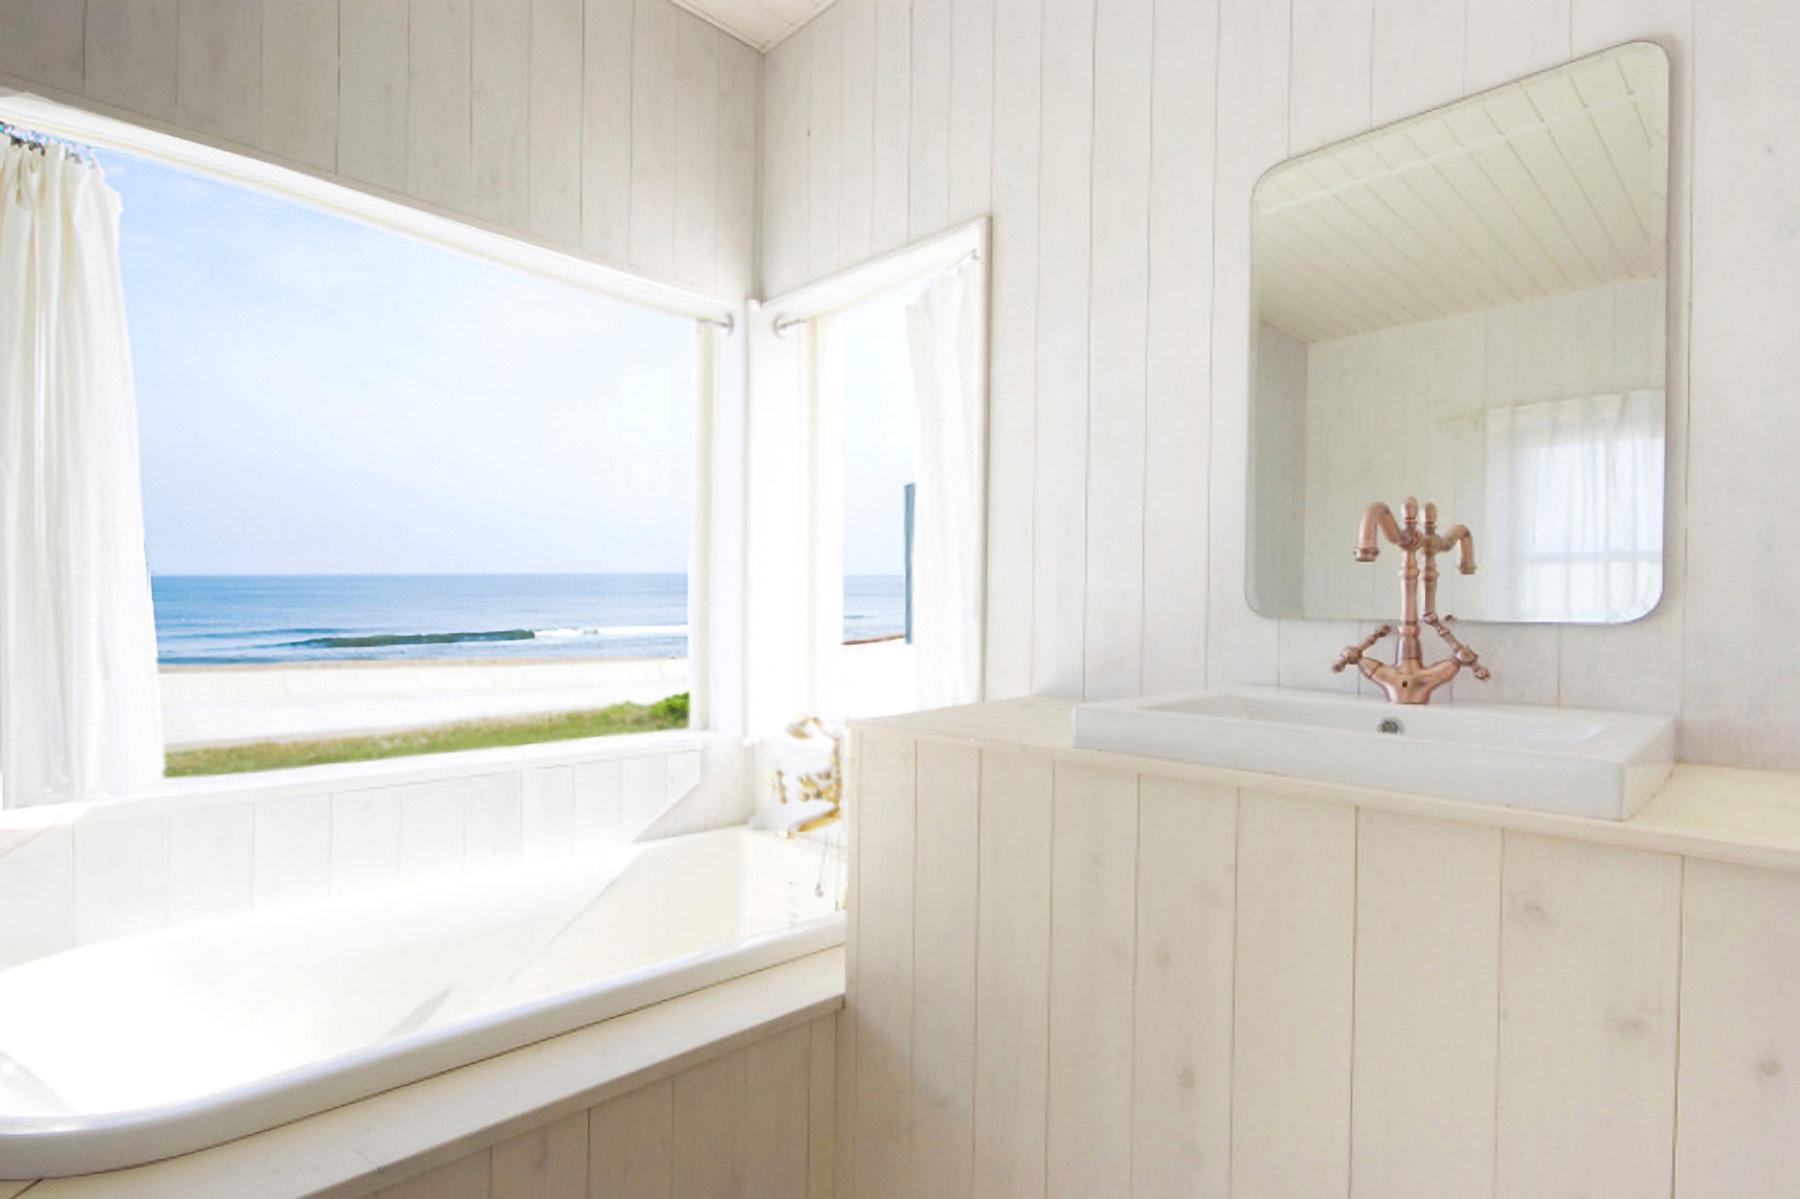 STUDIO iiwi 鹿嶋  (スタジオ イーヴィ)海の見えるバスルーム